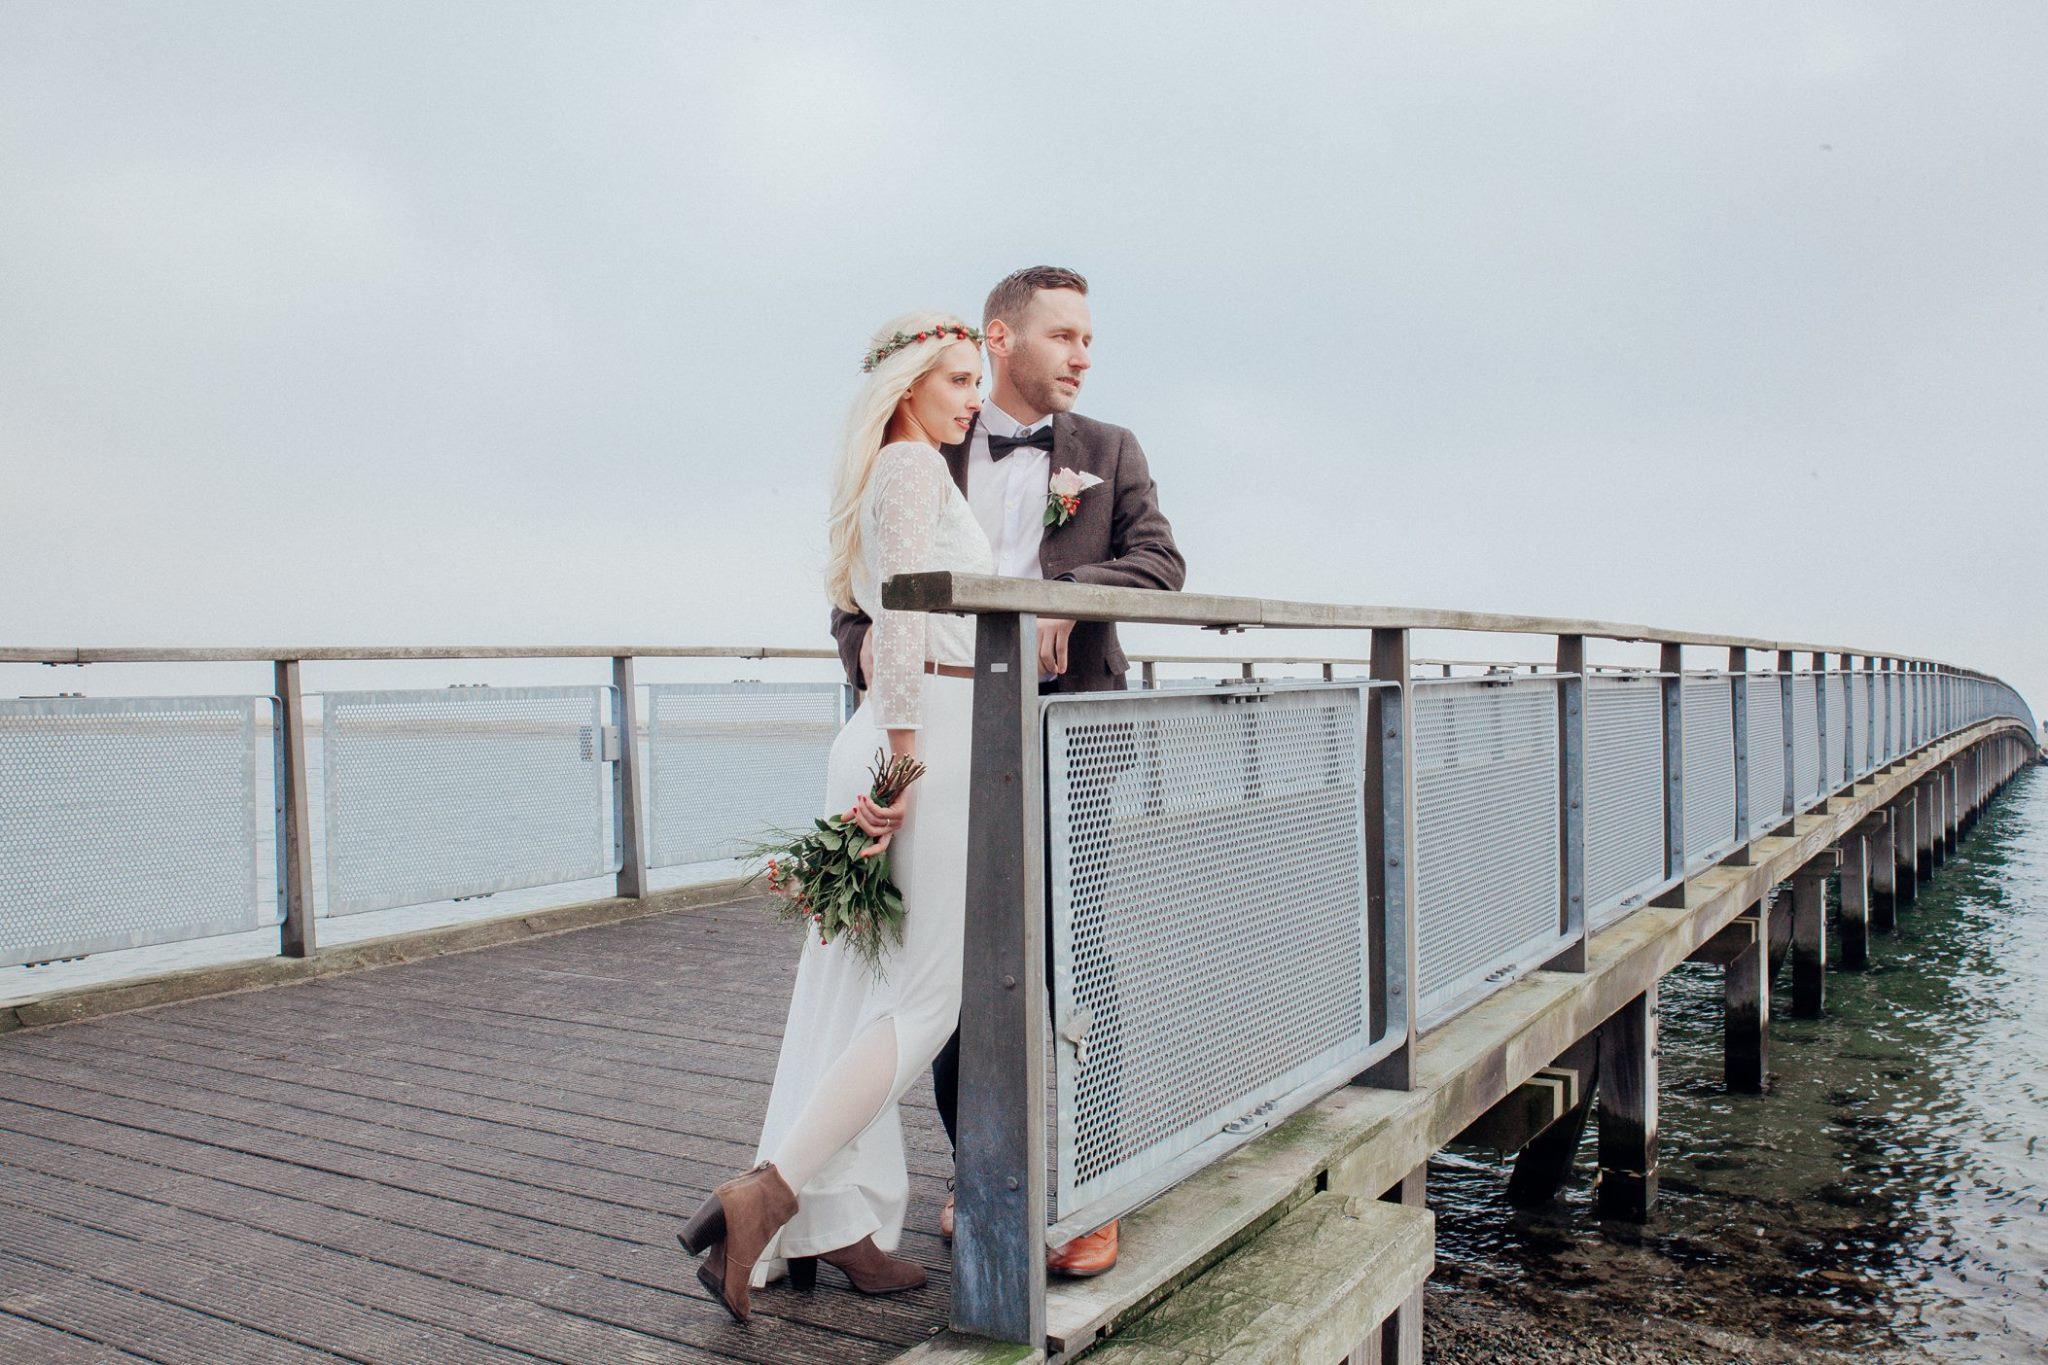 Wedding-in-Denmark-Marriage-Copenhagen-Photographers-15